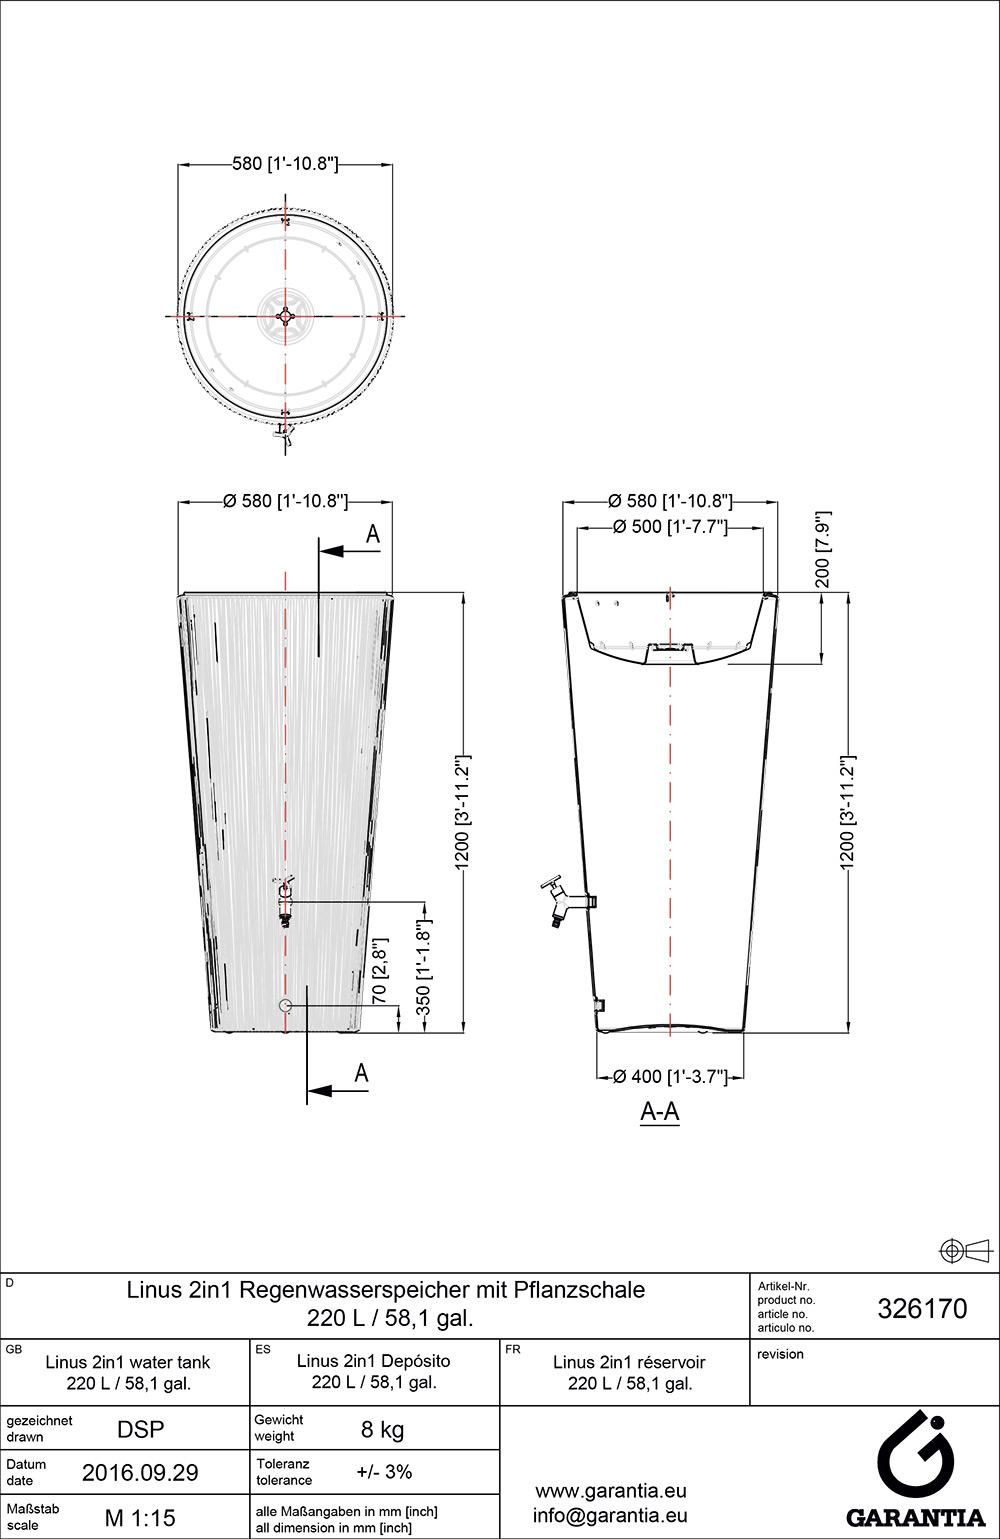 Установка декоративной емкости для сбора воды Linus 2in1, размеры